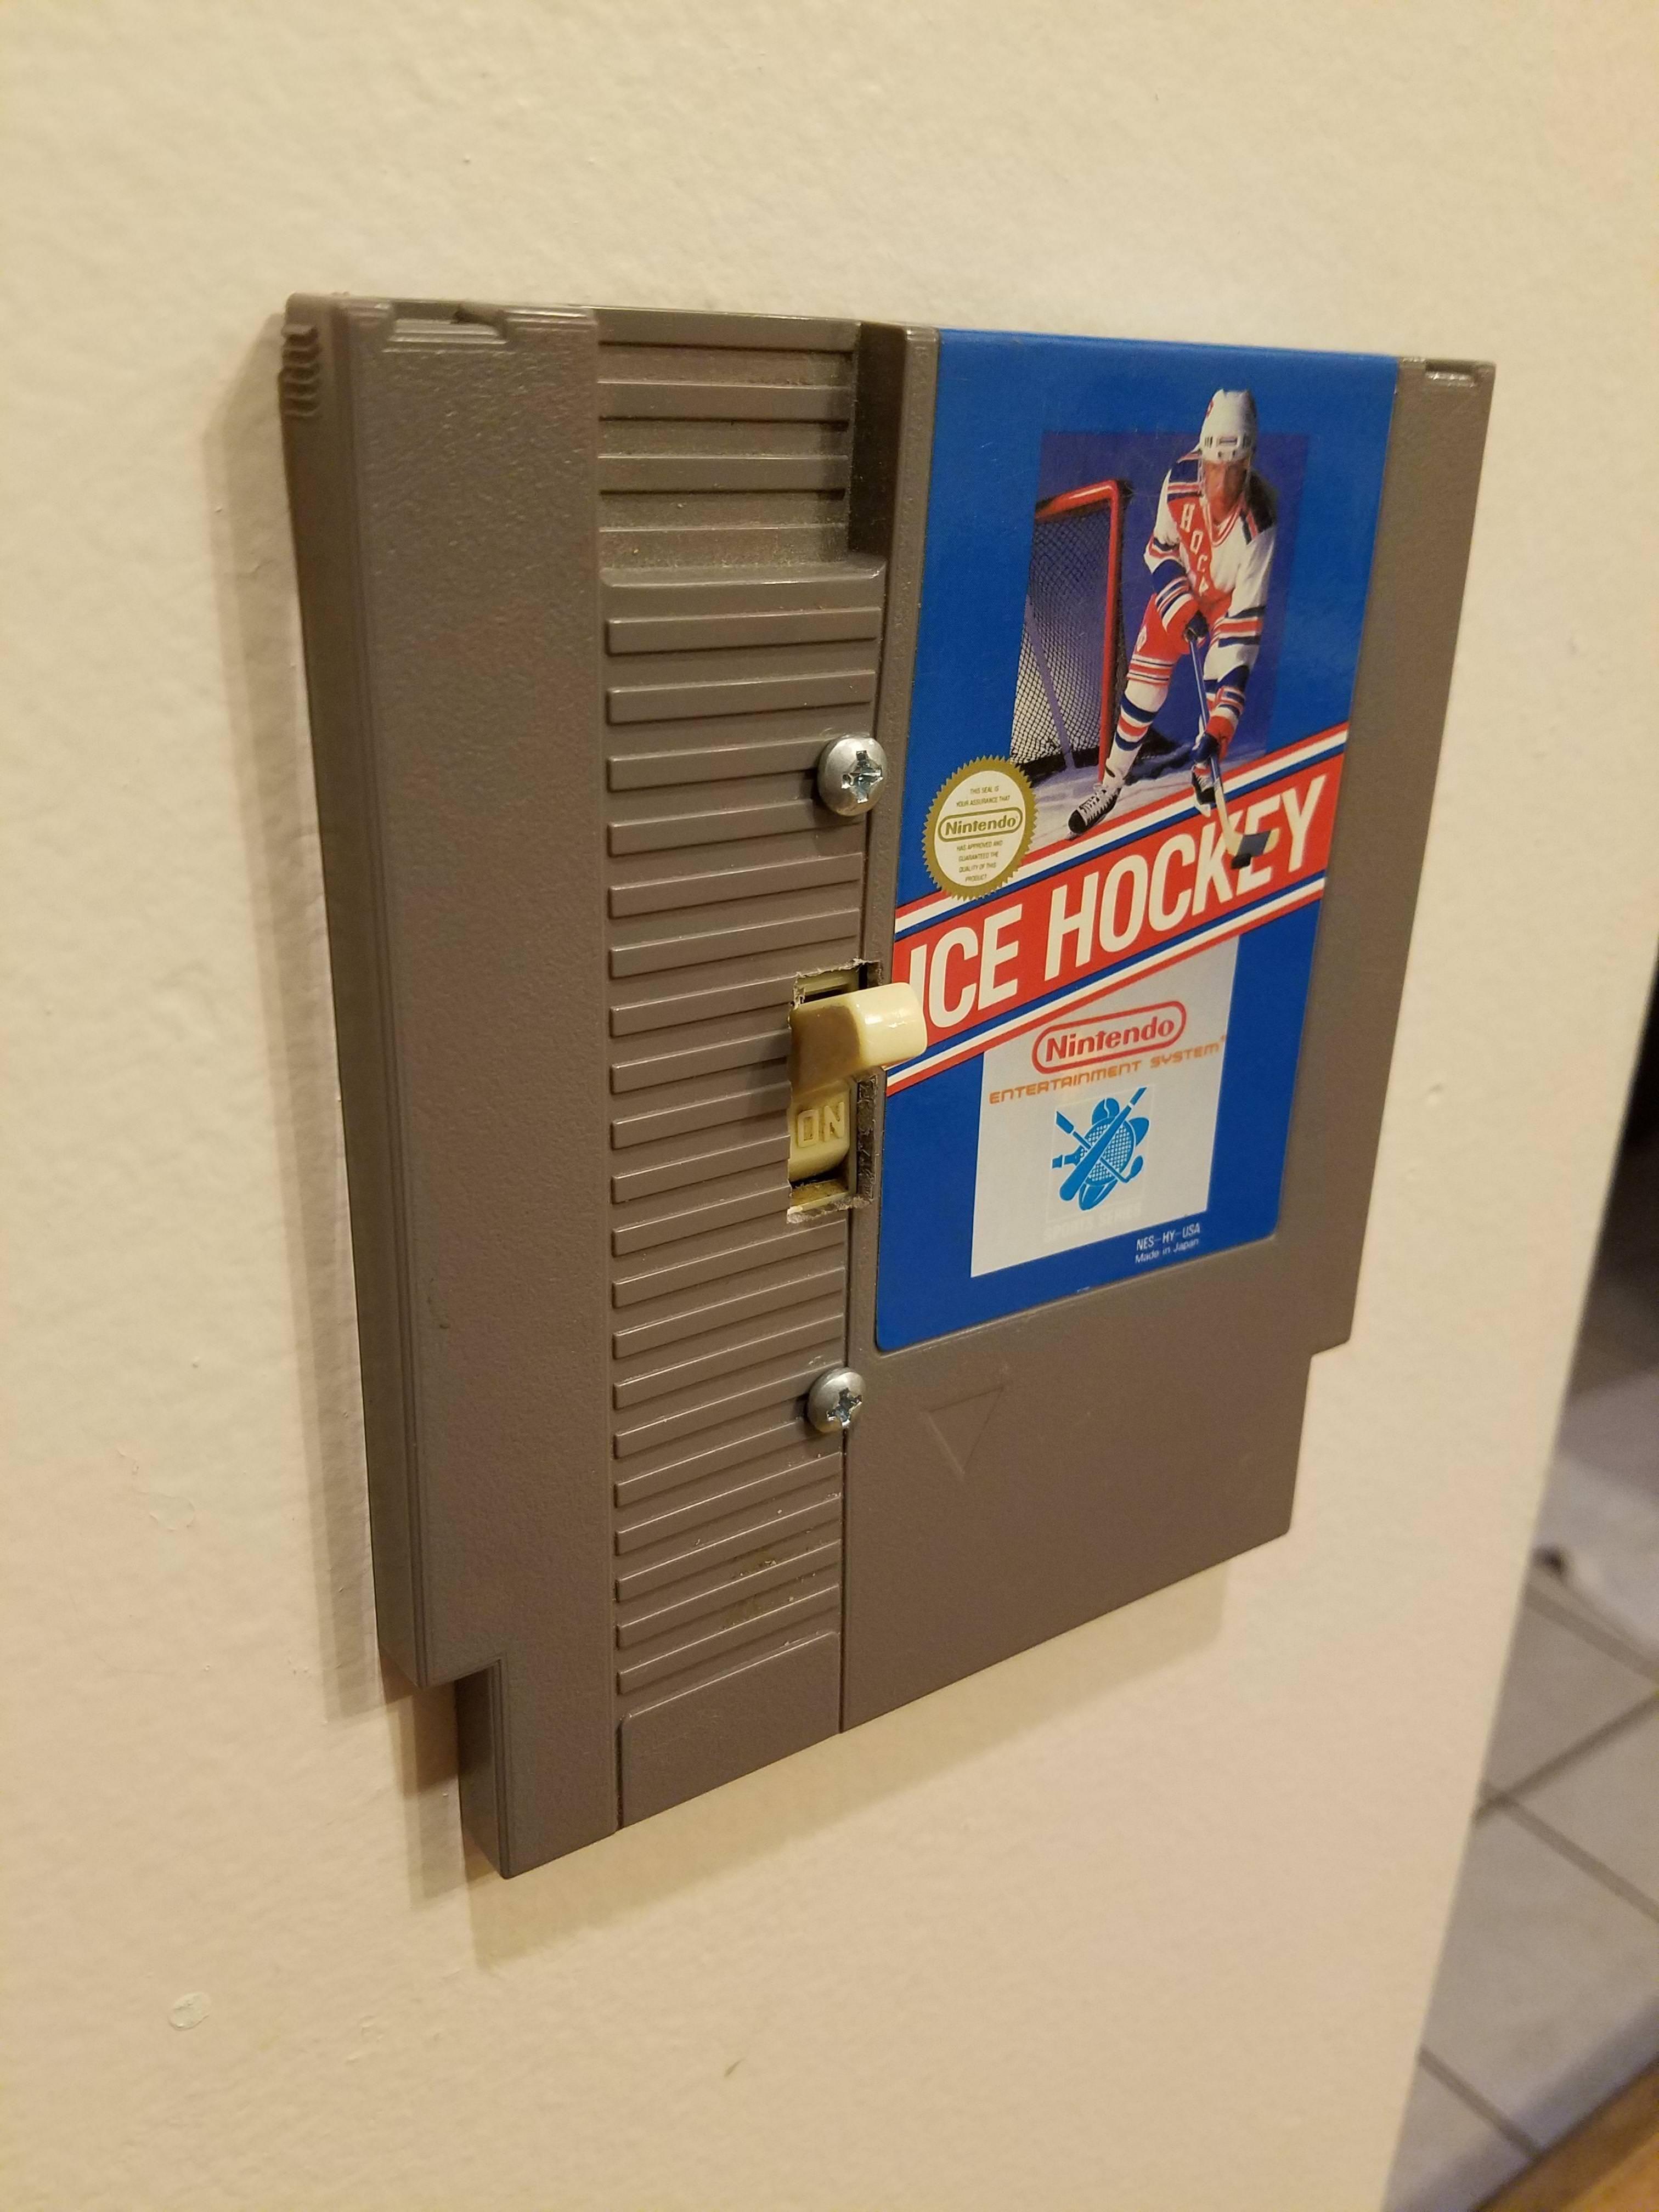 My new Nintendo Switch